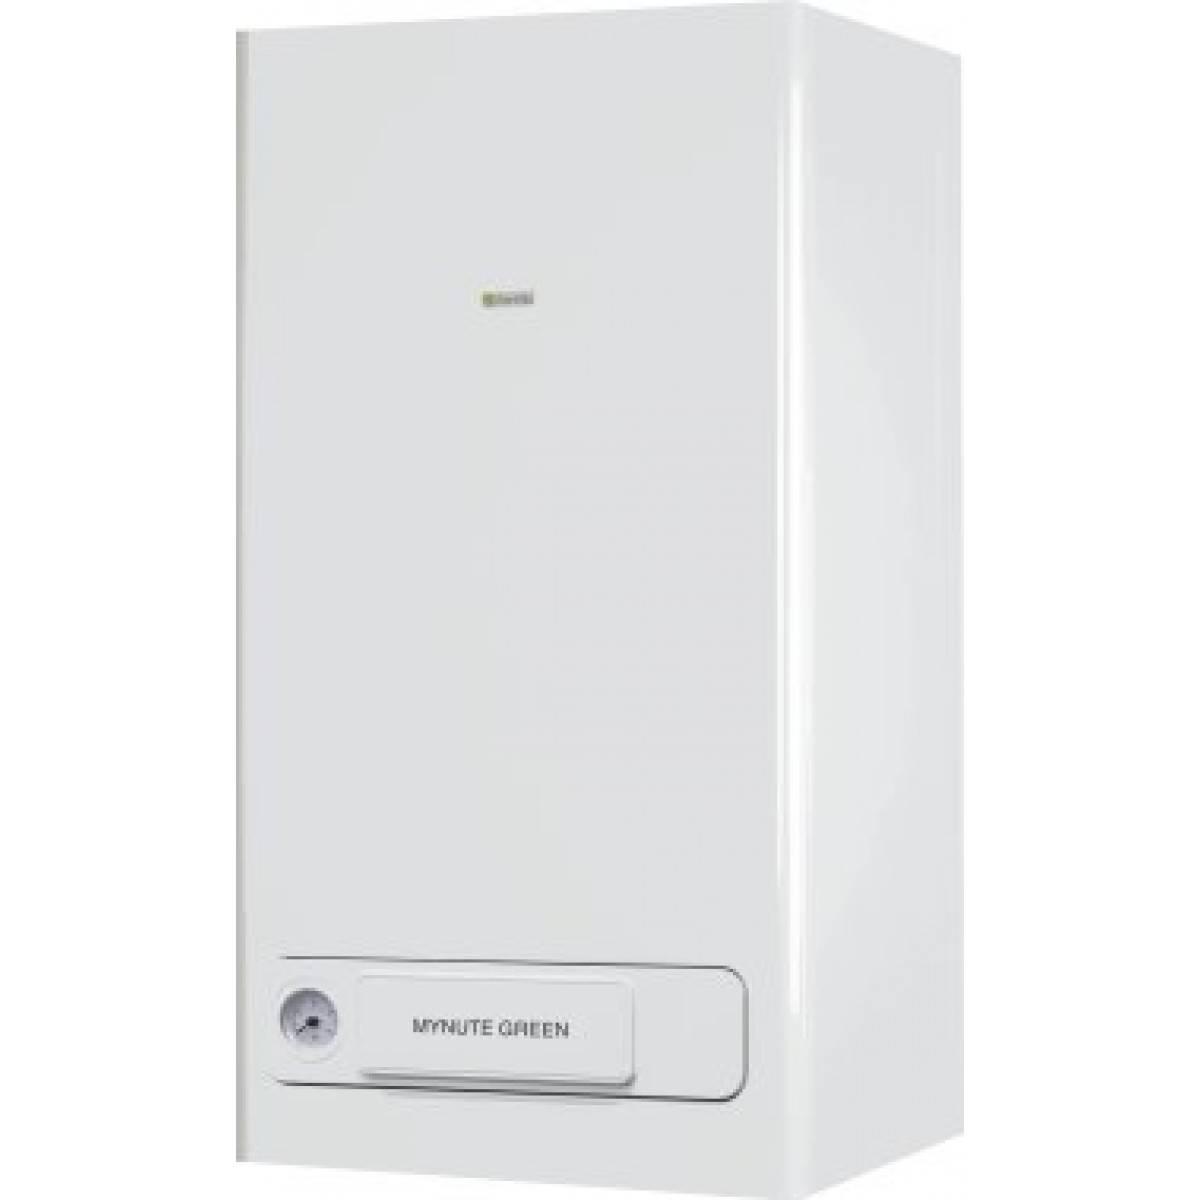 Двухконтурные газовые котлы для отопления частного дома: виды настенных и напольных котлов